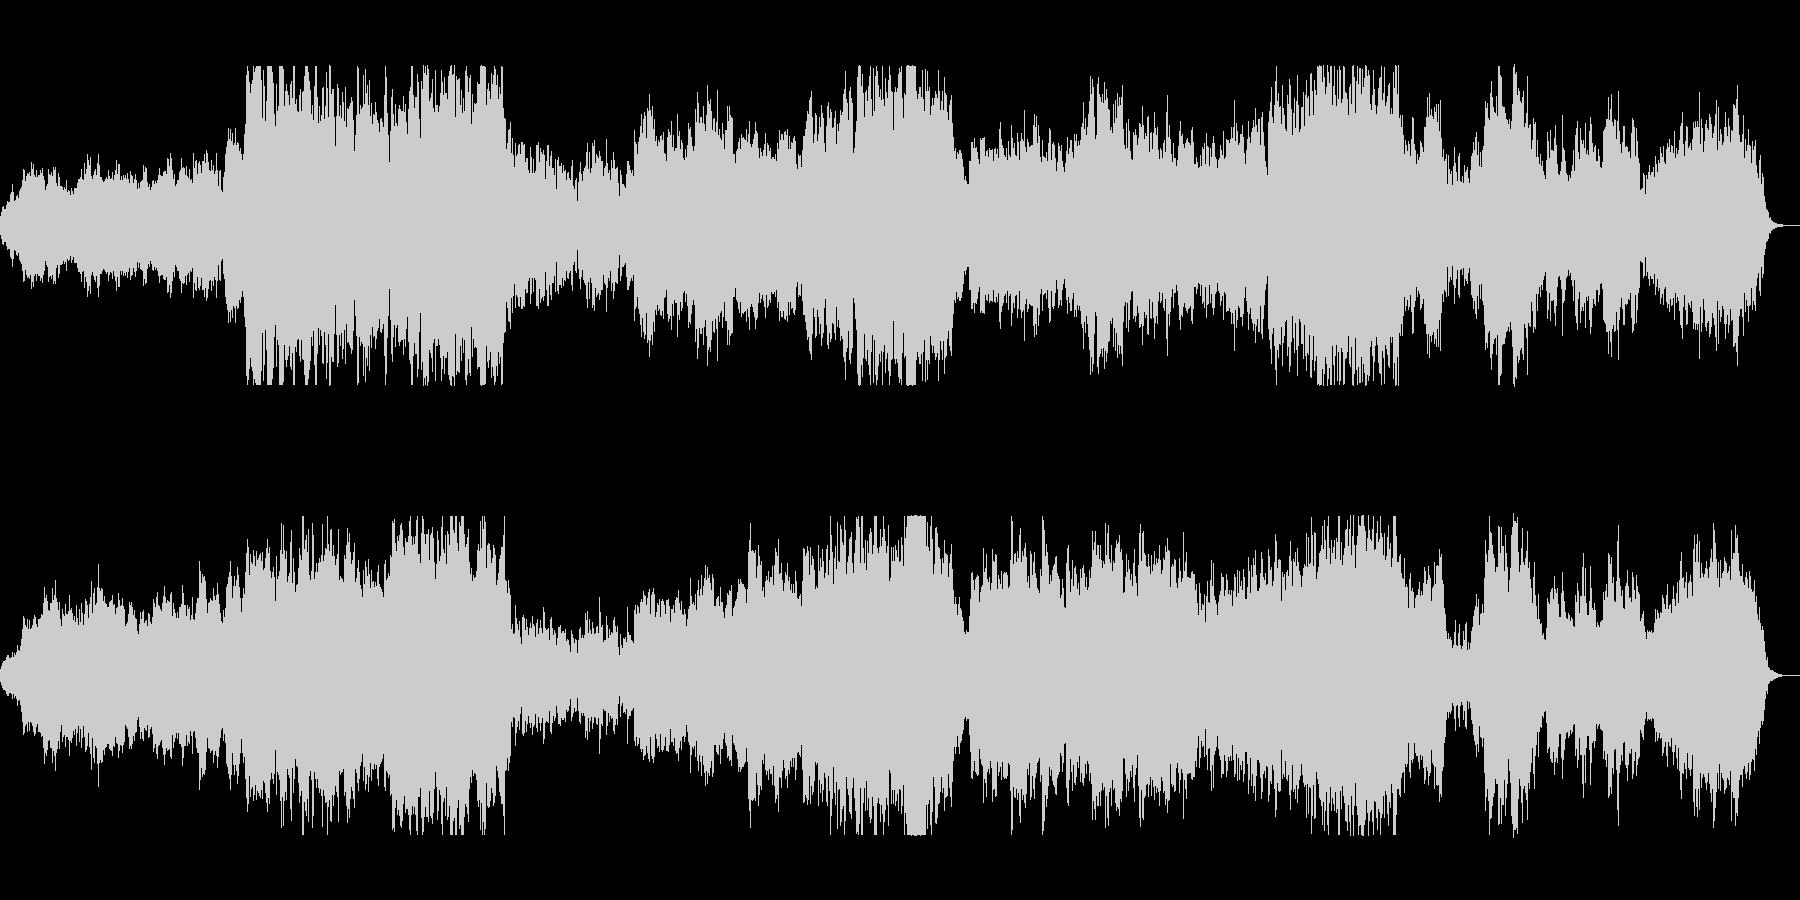 優しくゆったり管楽器シンセサウンドの未再生の波形